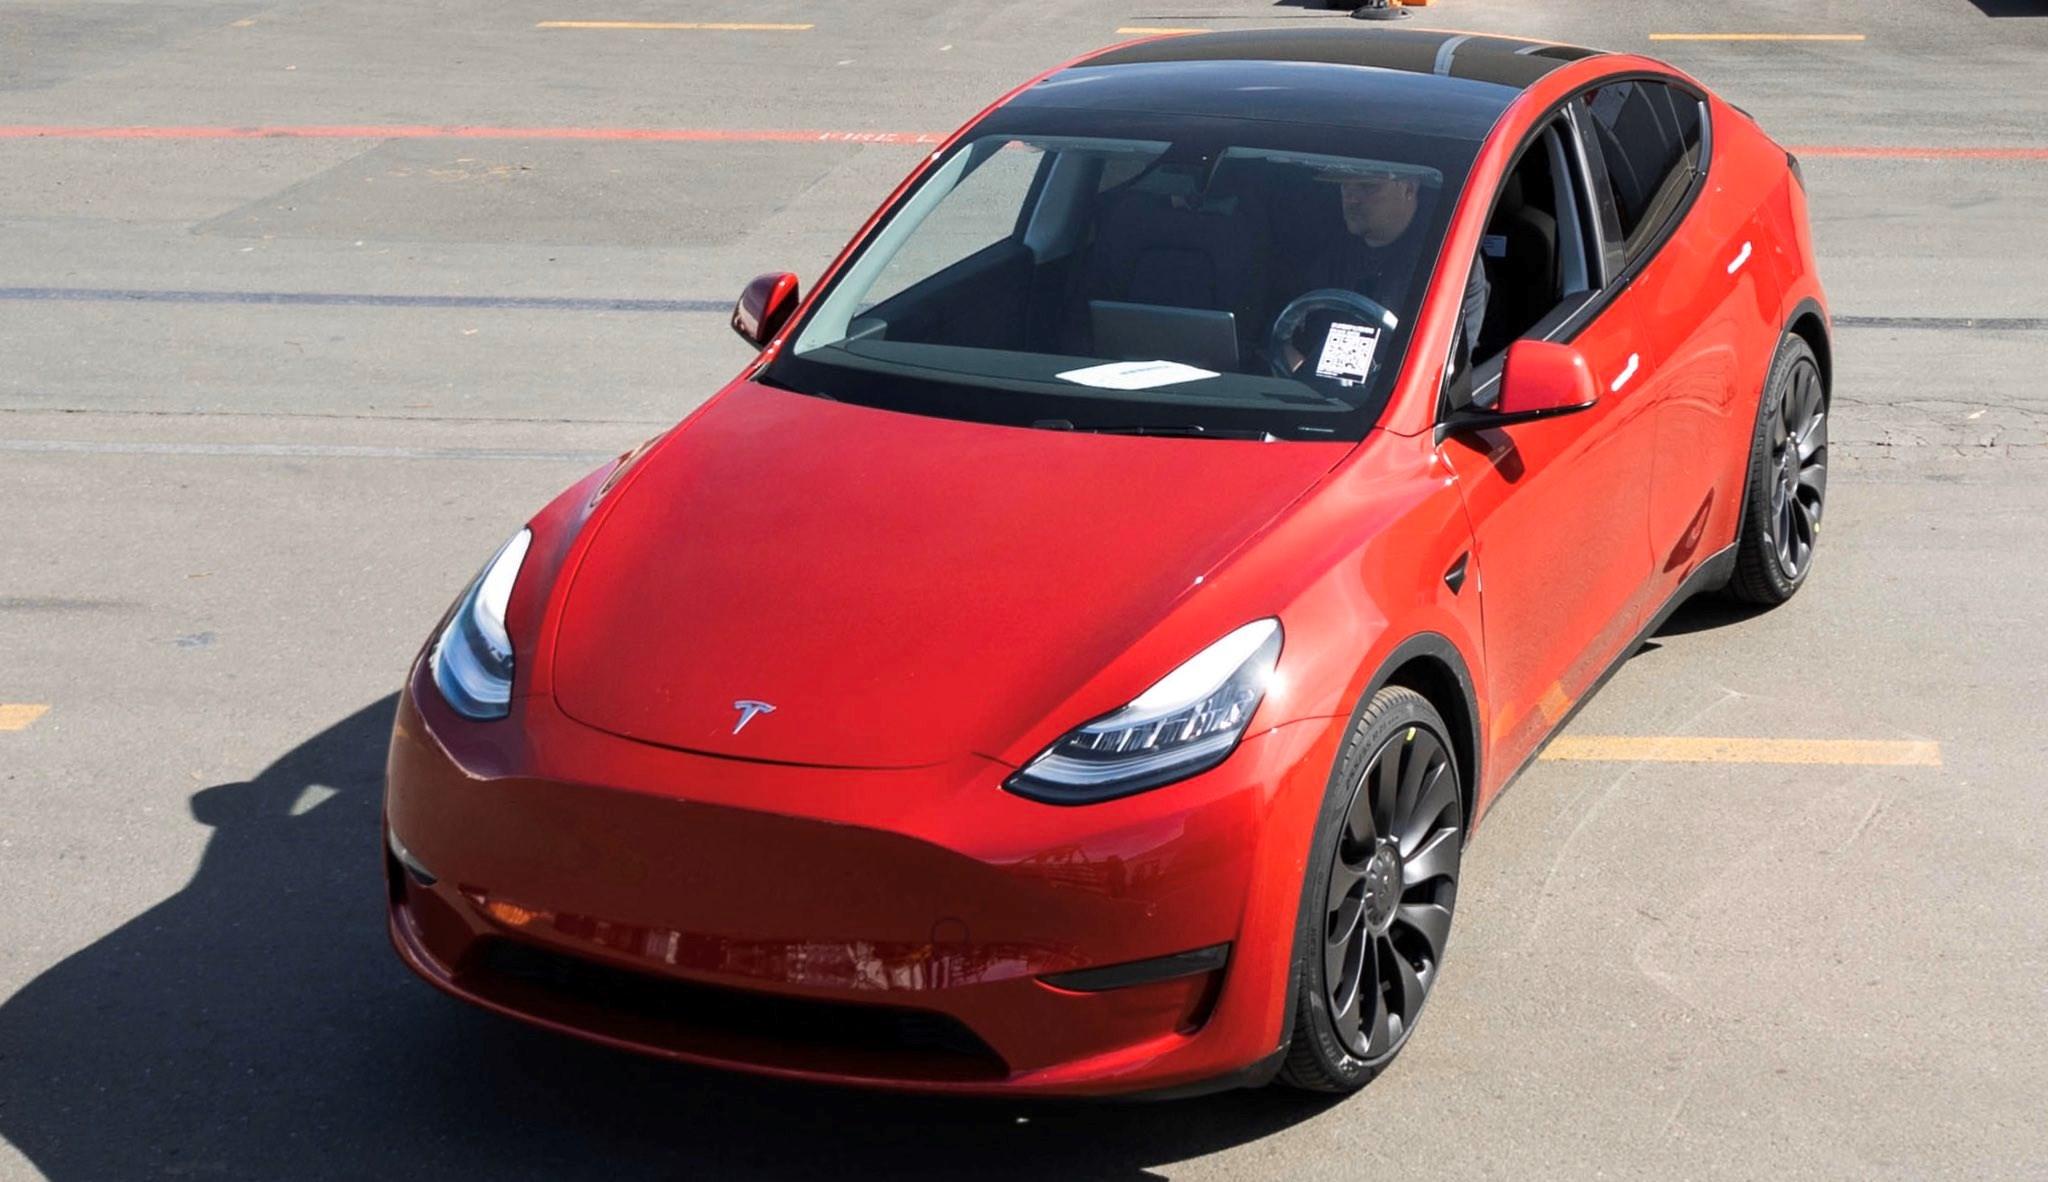 Tesla has now built 1 million cars